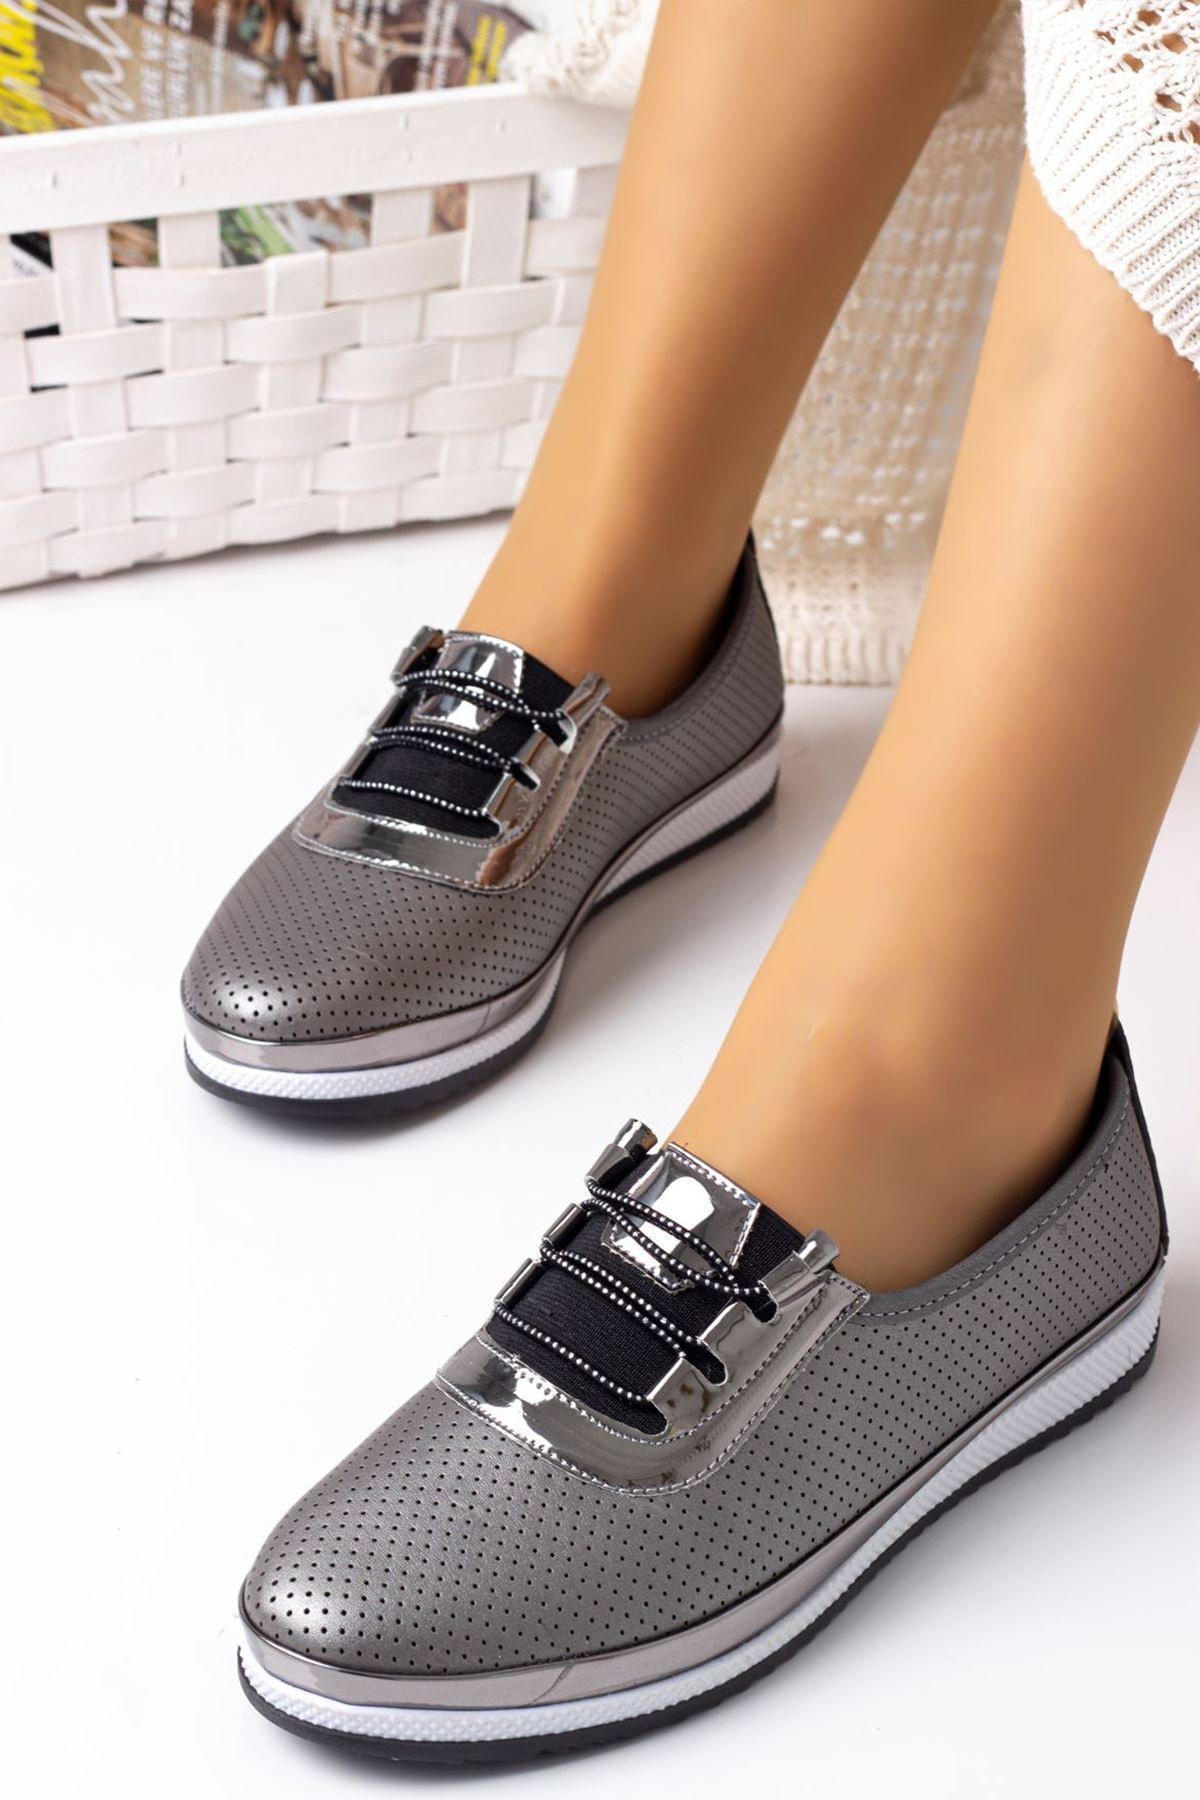 Kadın Ortopedik Rahat Babet Spor Ayakkabı-gri